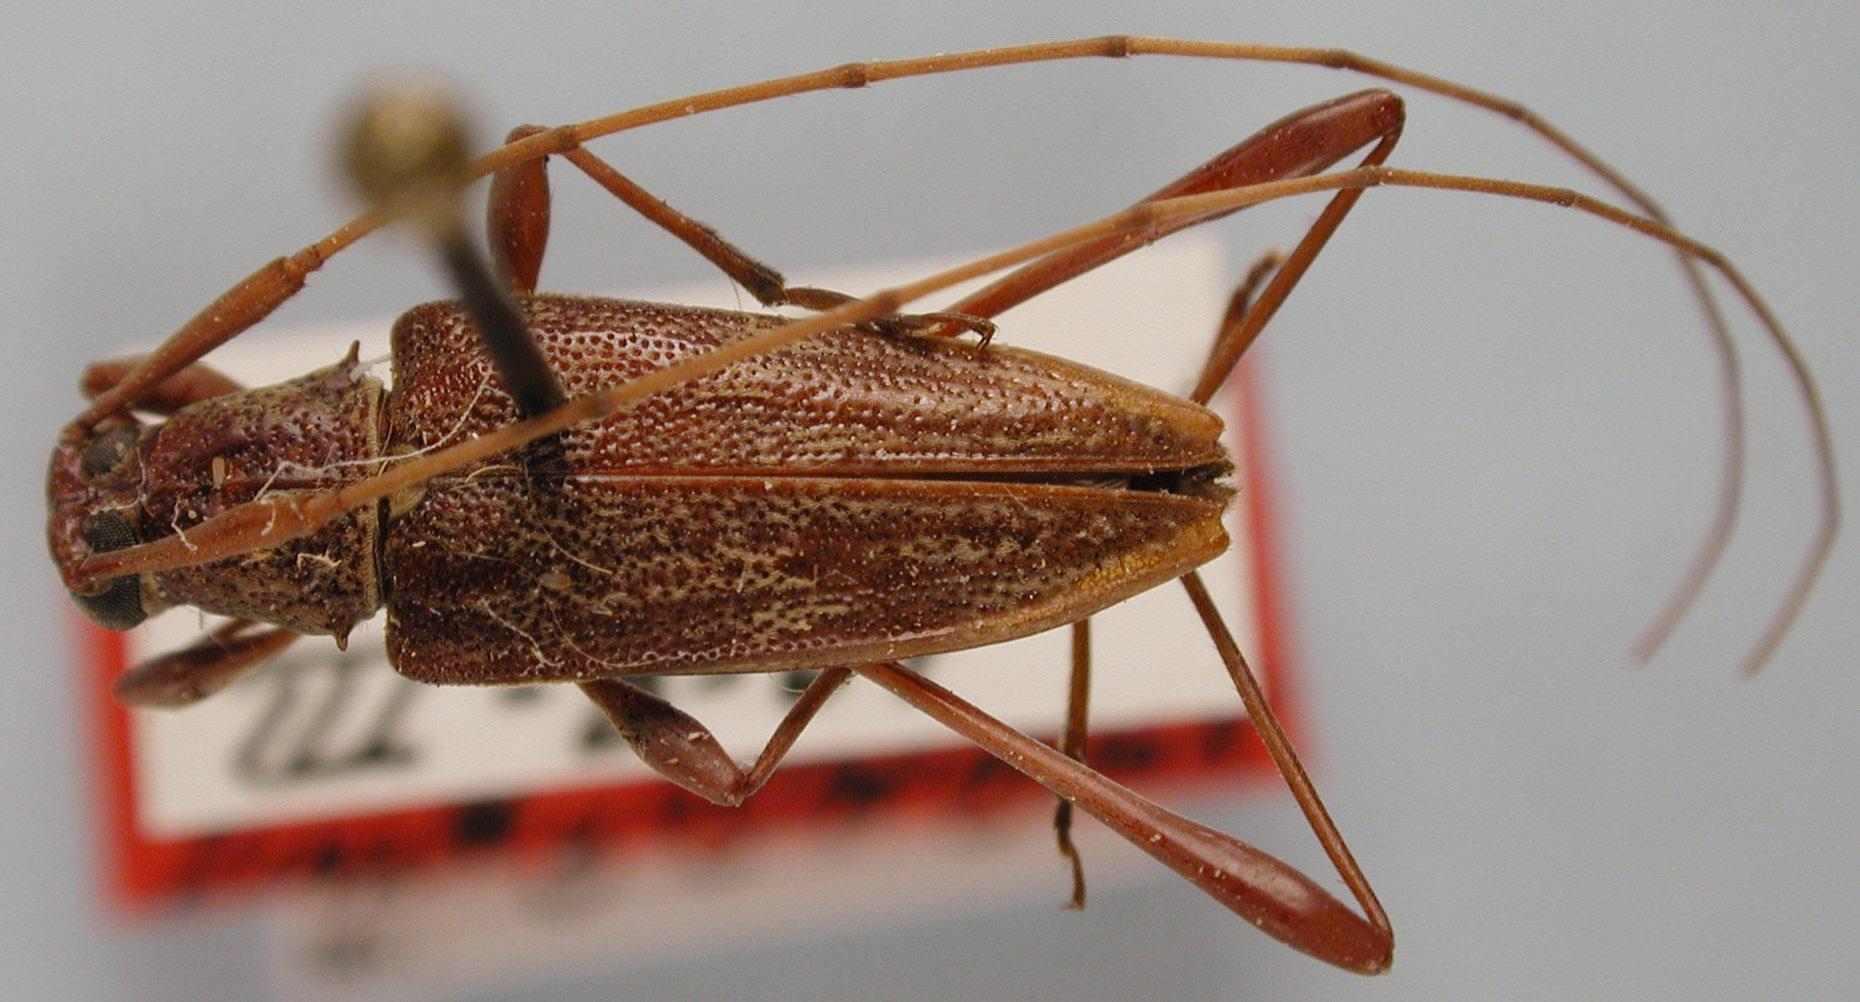 Anisopodus longipes image